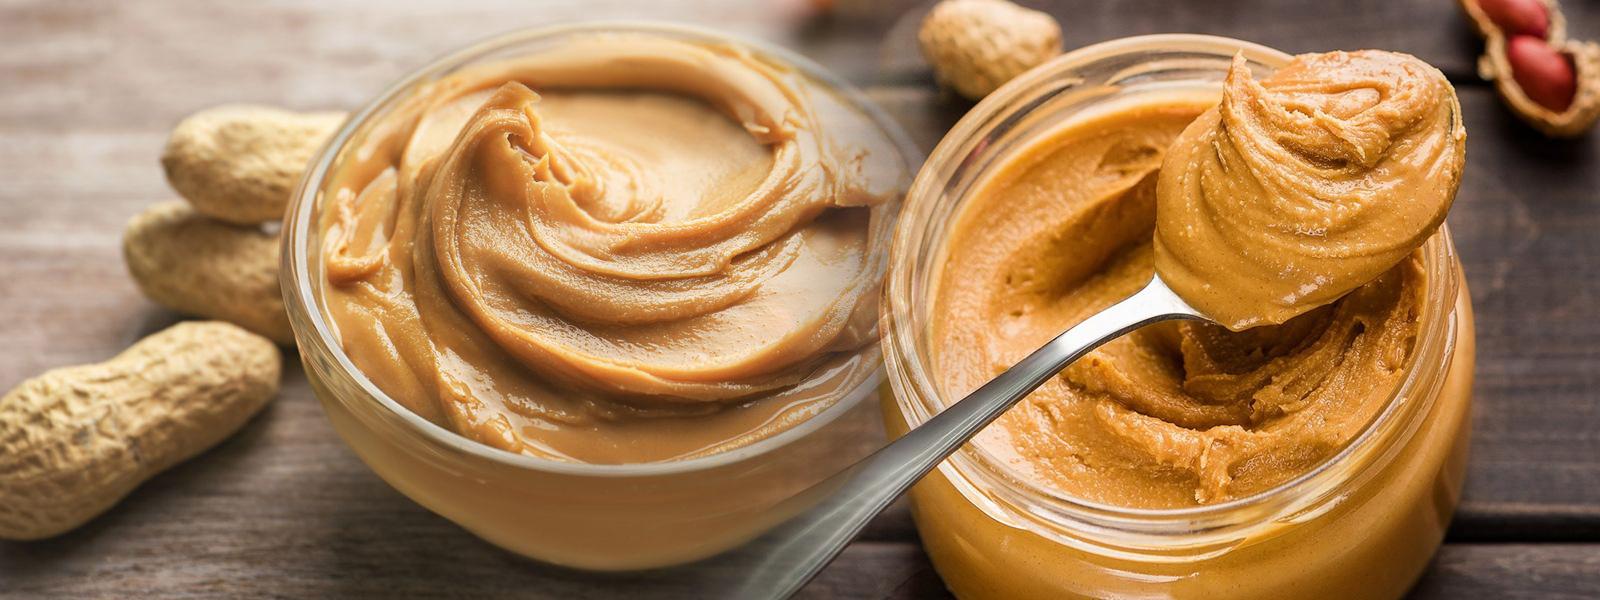 Натурално фъстъчено масло - полезно или вредно